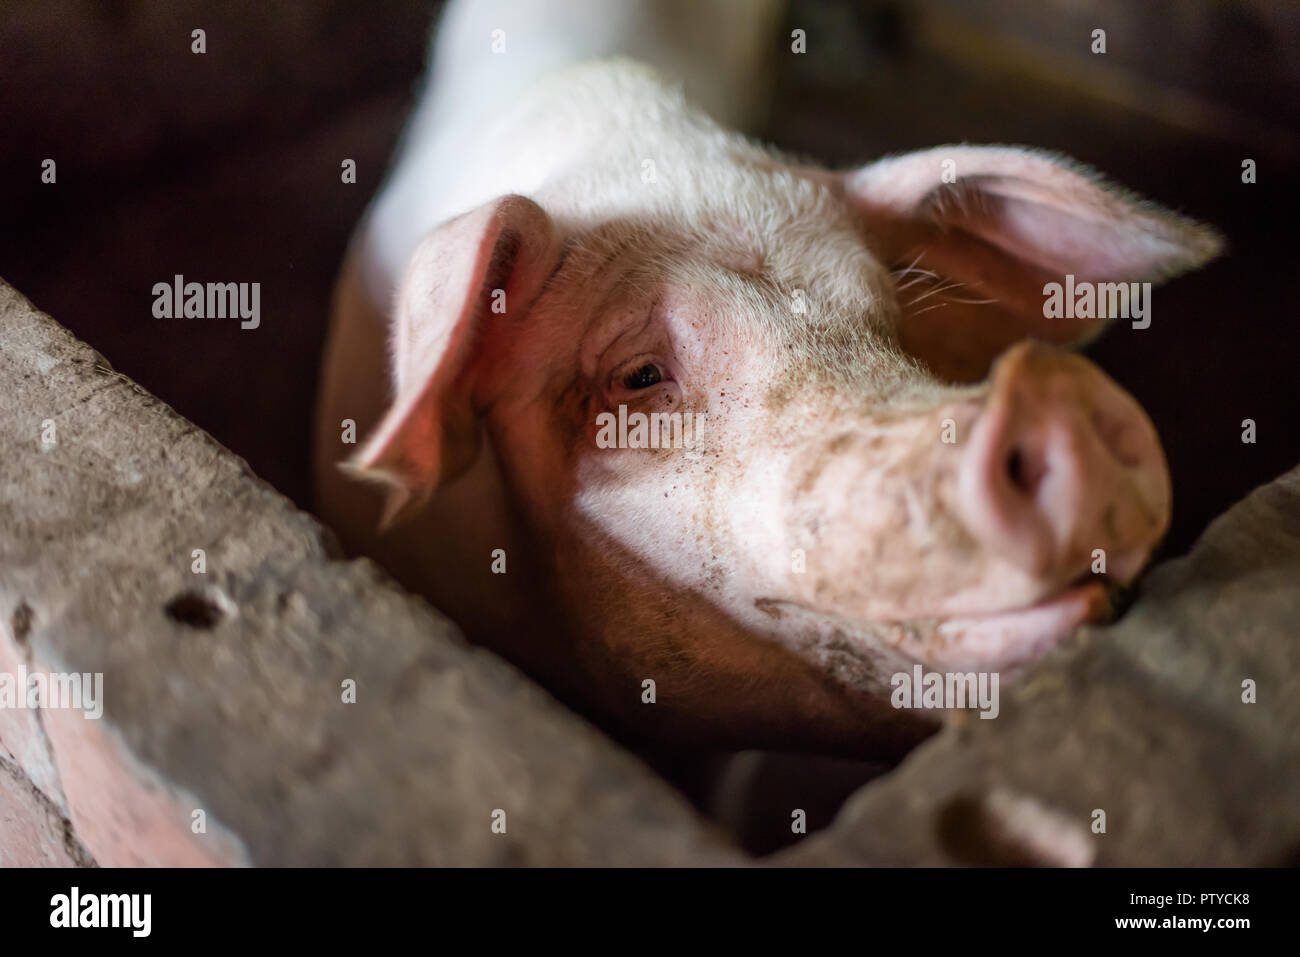 Maiale close up ritratto in una fattoria Immagini Stock